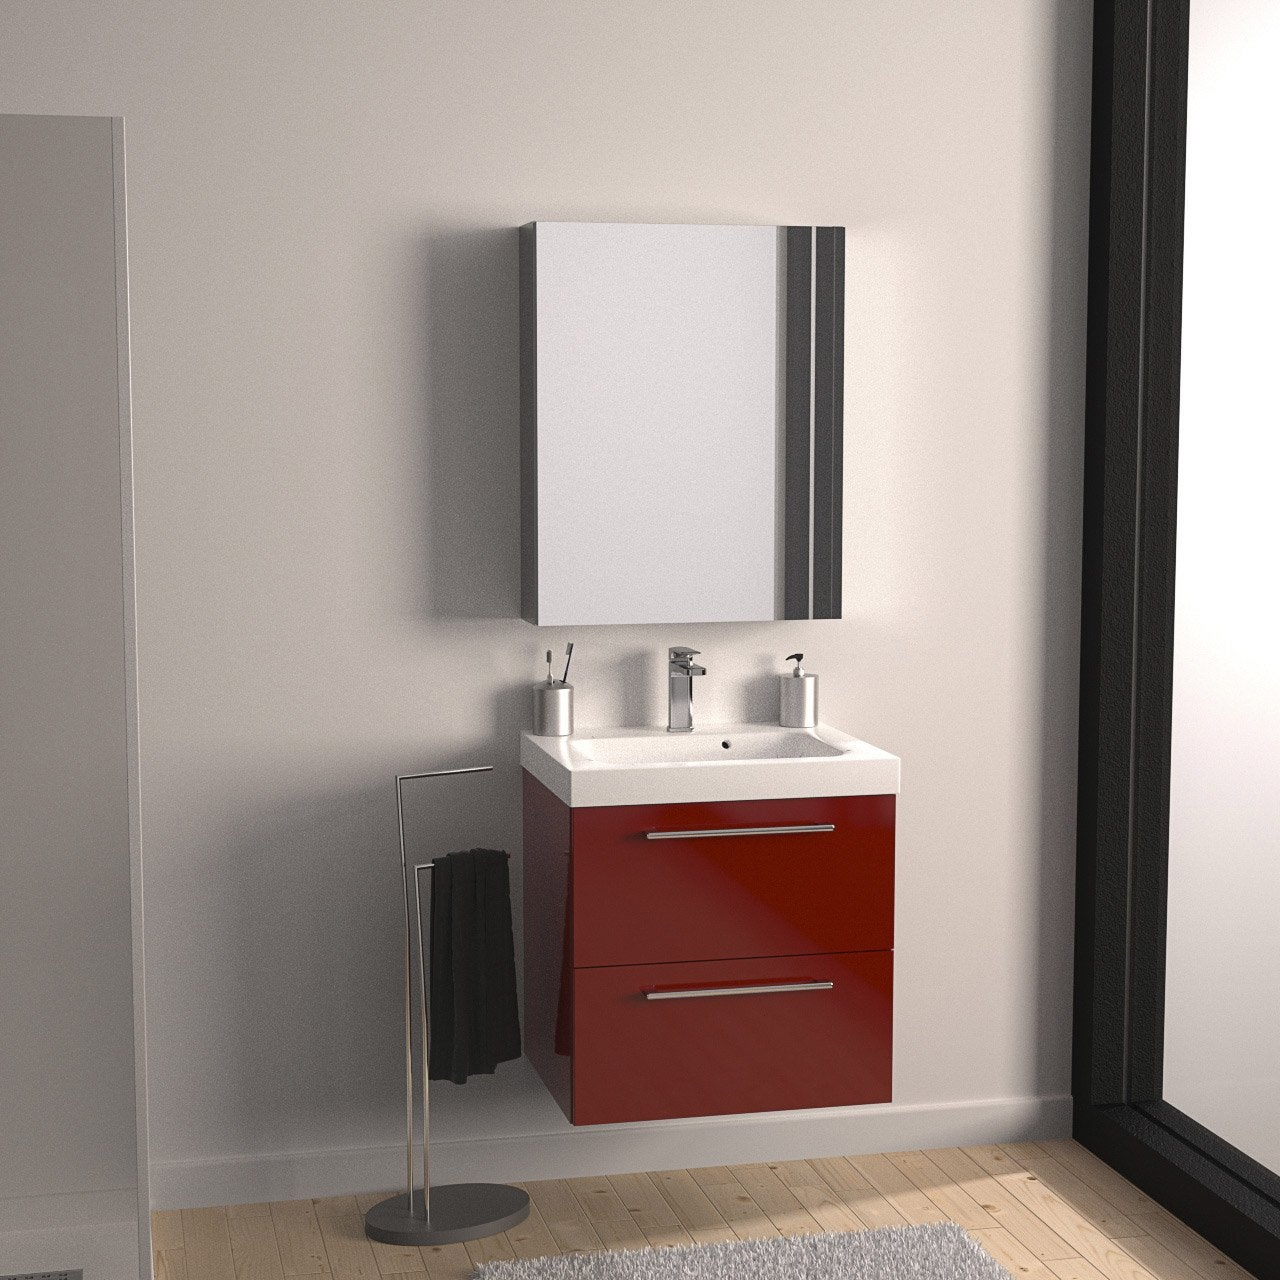 Meuble de salle de bains remix rouge rouge n 3 61x48 5 cm - Meuble salle de bain 2 vasques leroy merlin ...